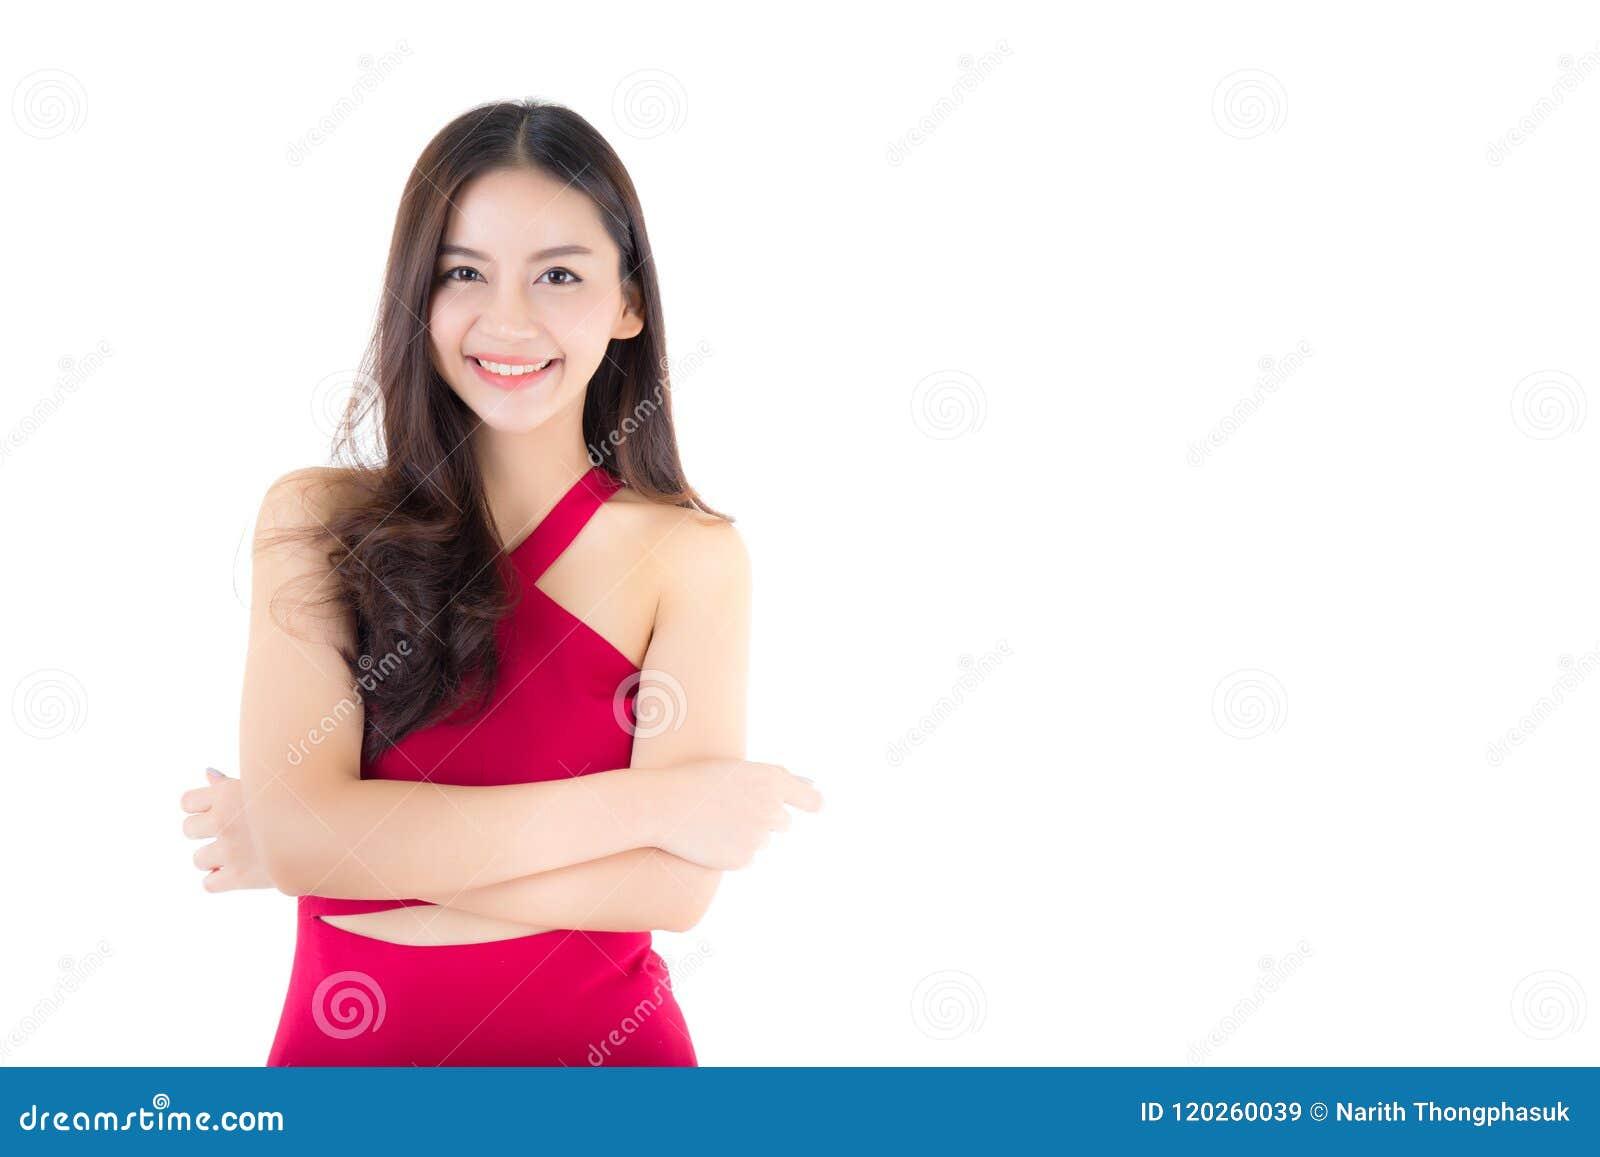 Όμορφο νέο ασιατικό χαμόγελο γυναικών του πορτρέτου που απομονώνεται στο άσπρο υπόβαθρο